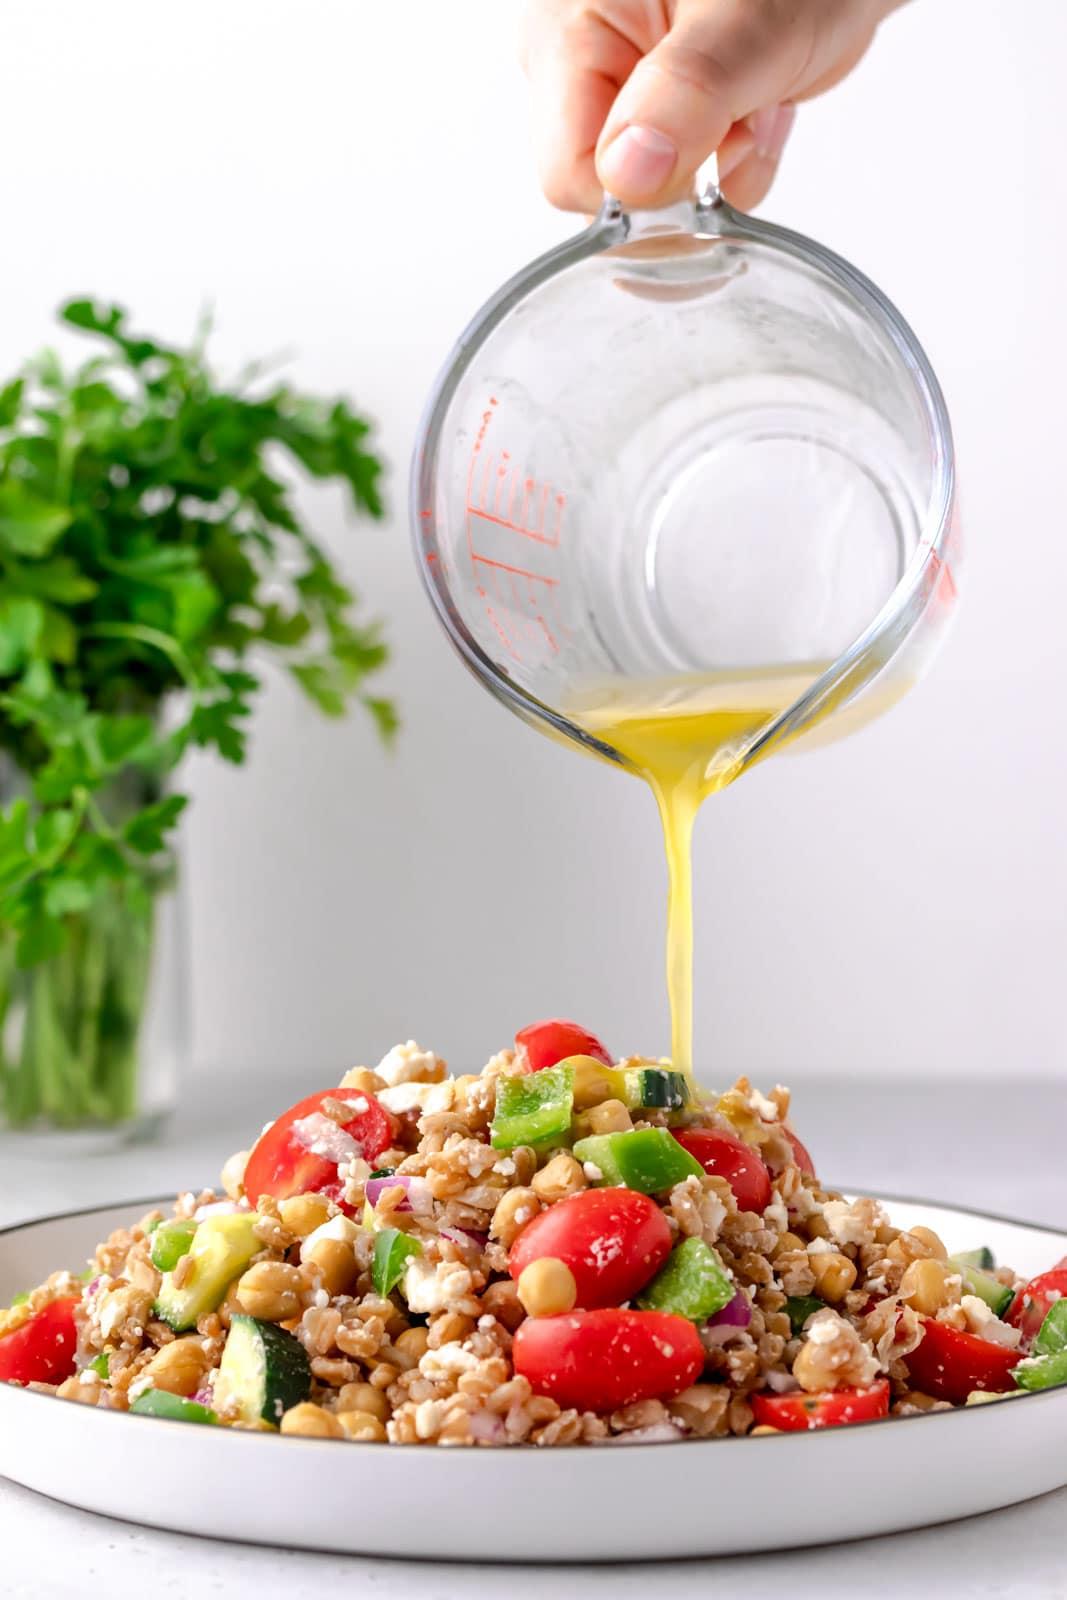 pouring citrus vinaigrette over salad